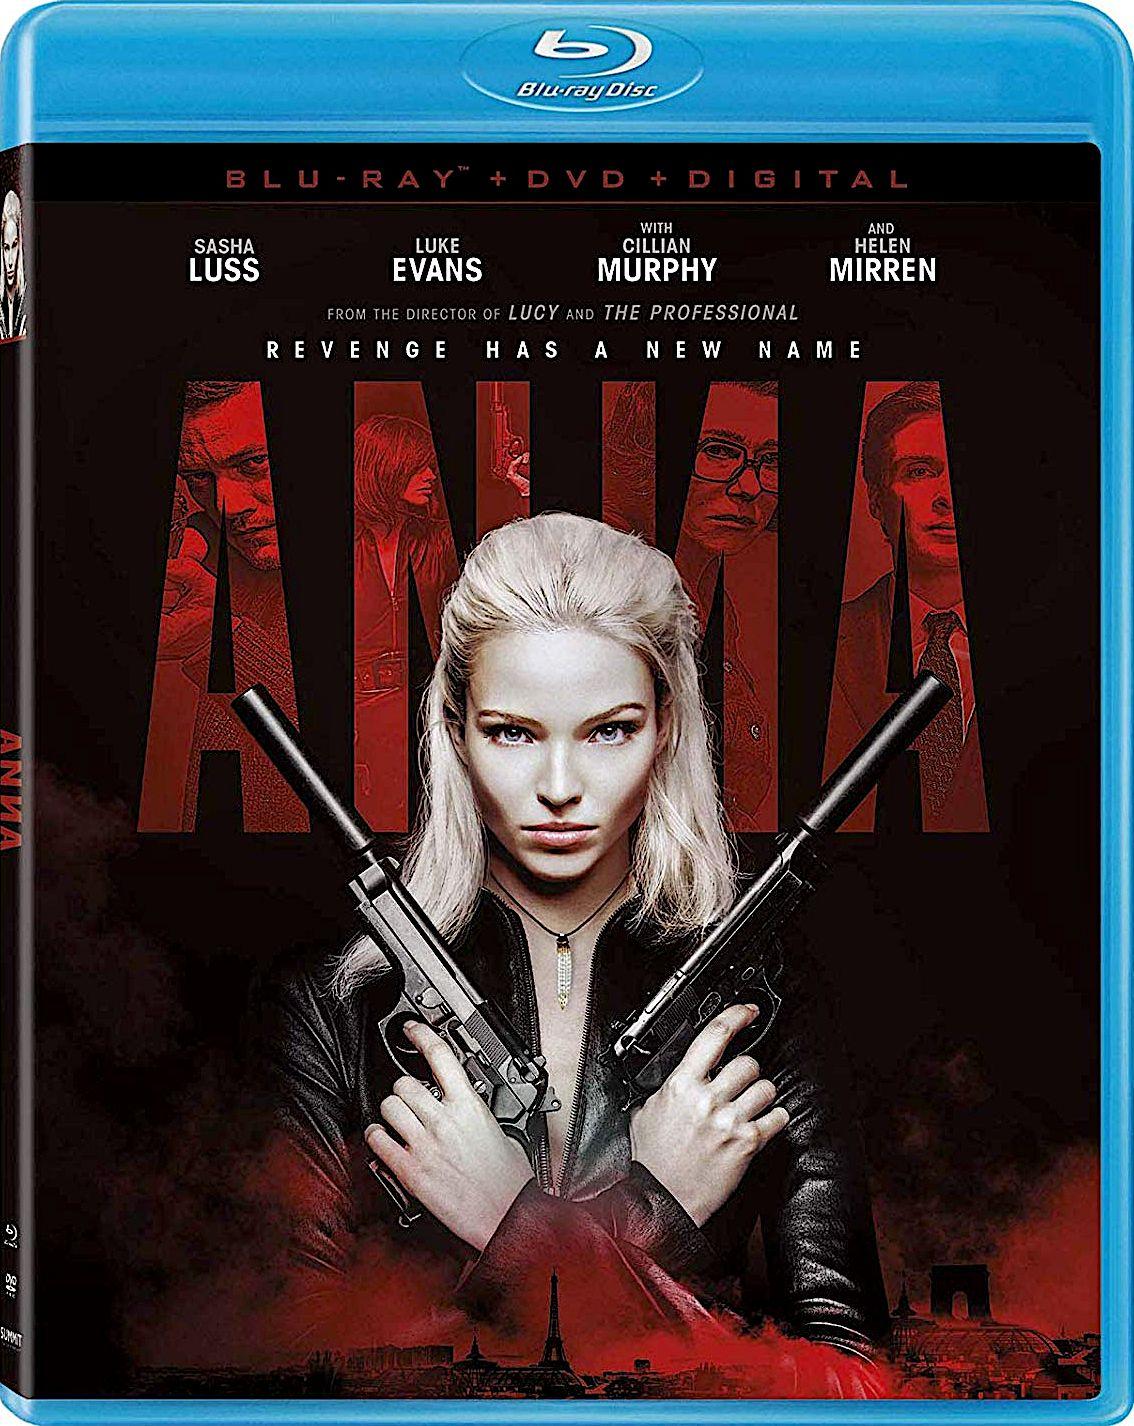 ANNA BLURAY (LIONSGATE) Blu ray, Thriller video, Blu